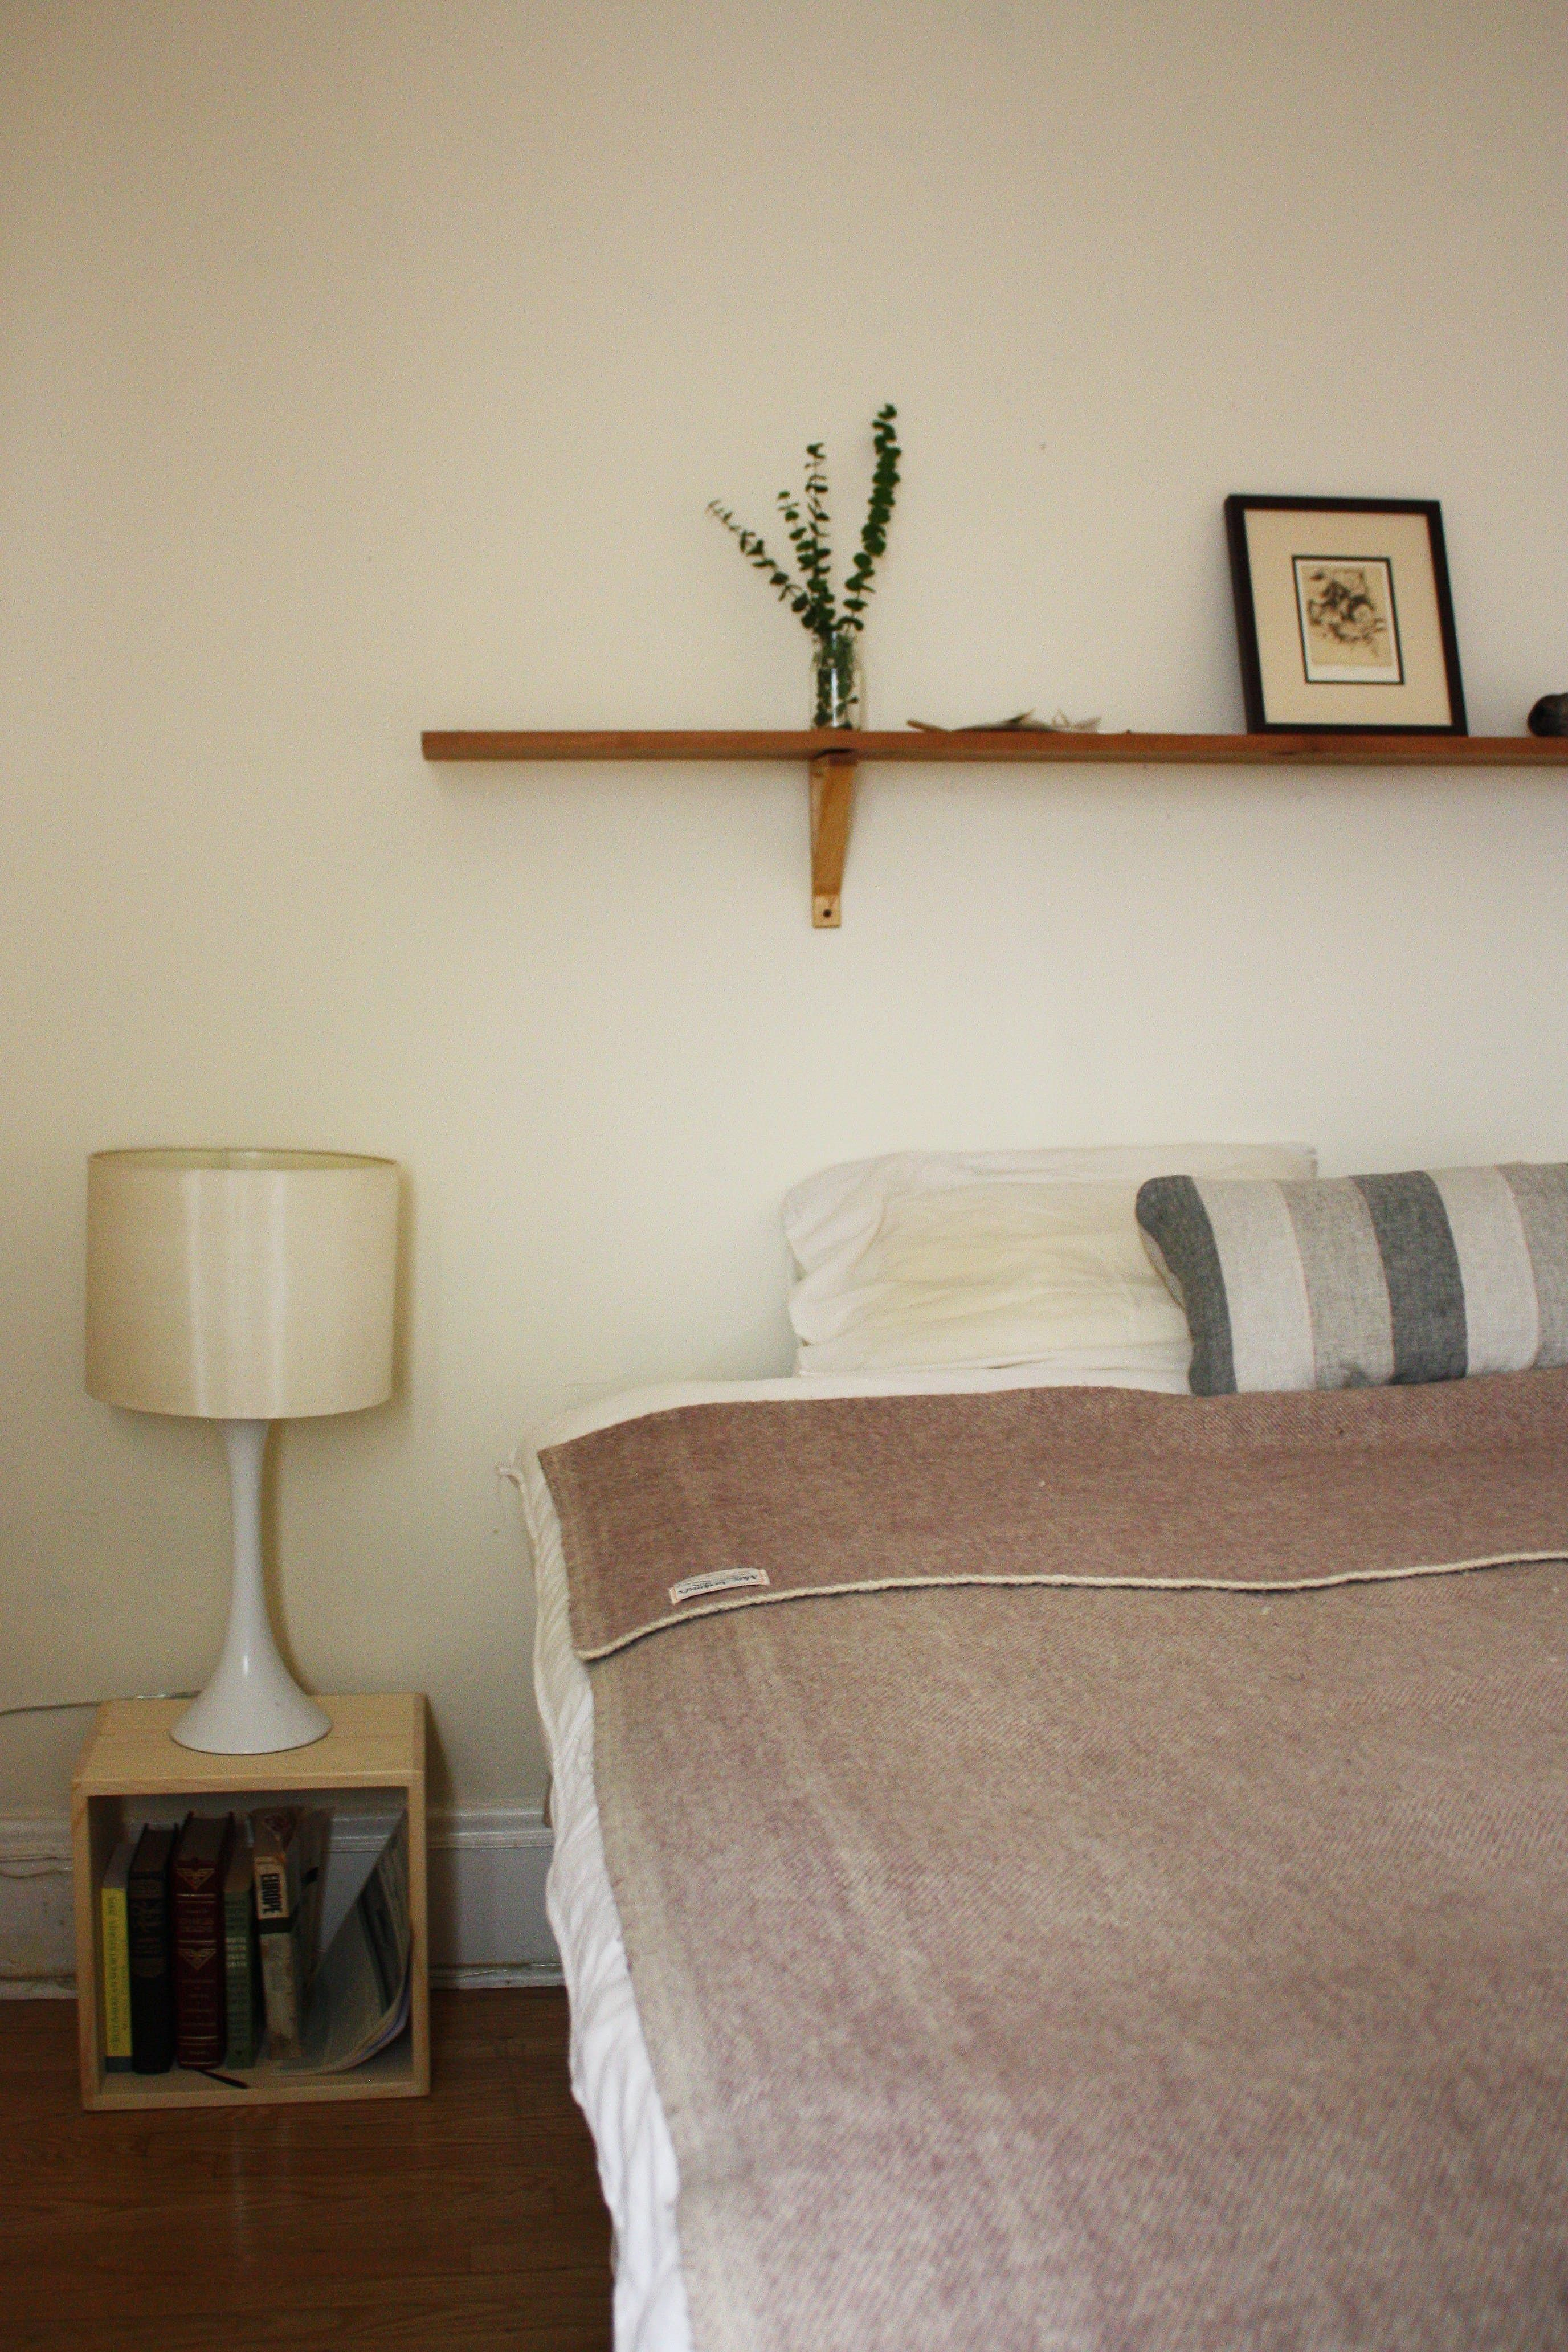 Rebecca & Eric's Global Territory Shelf over bed